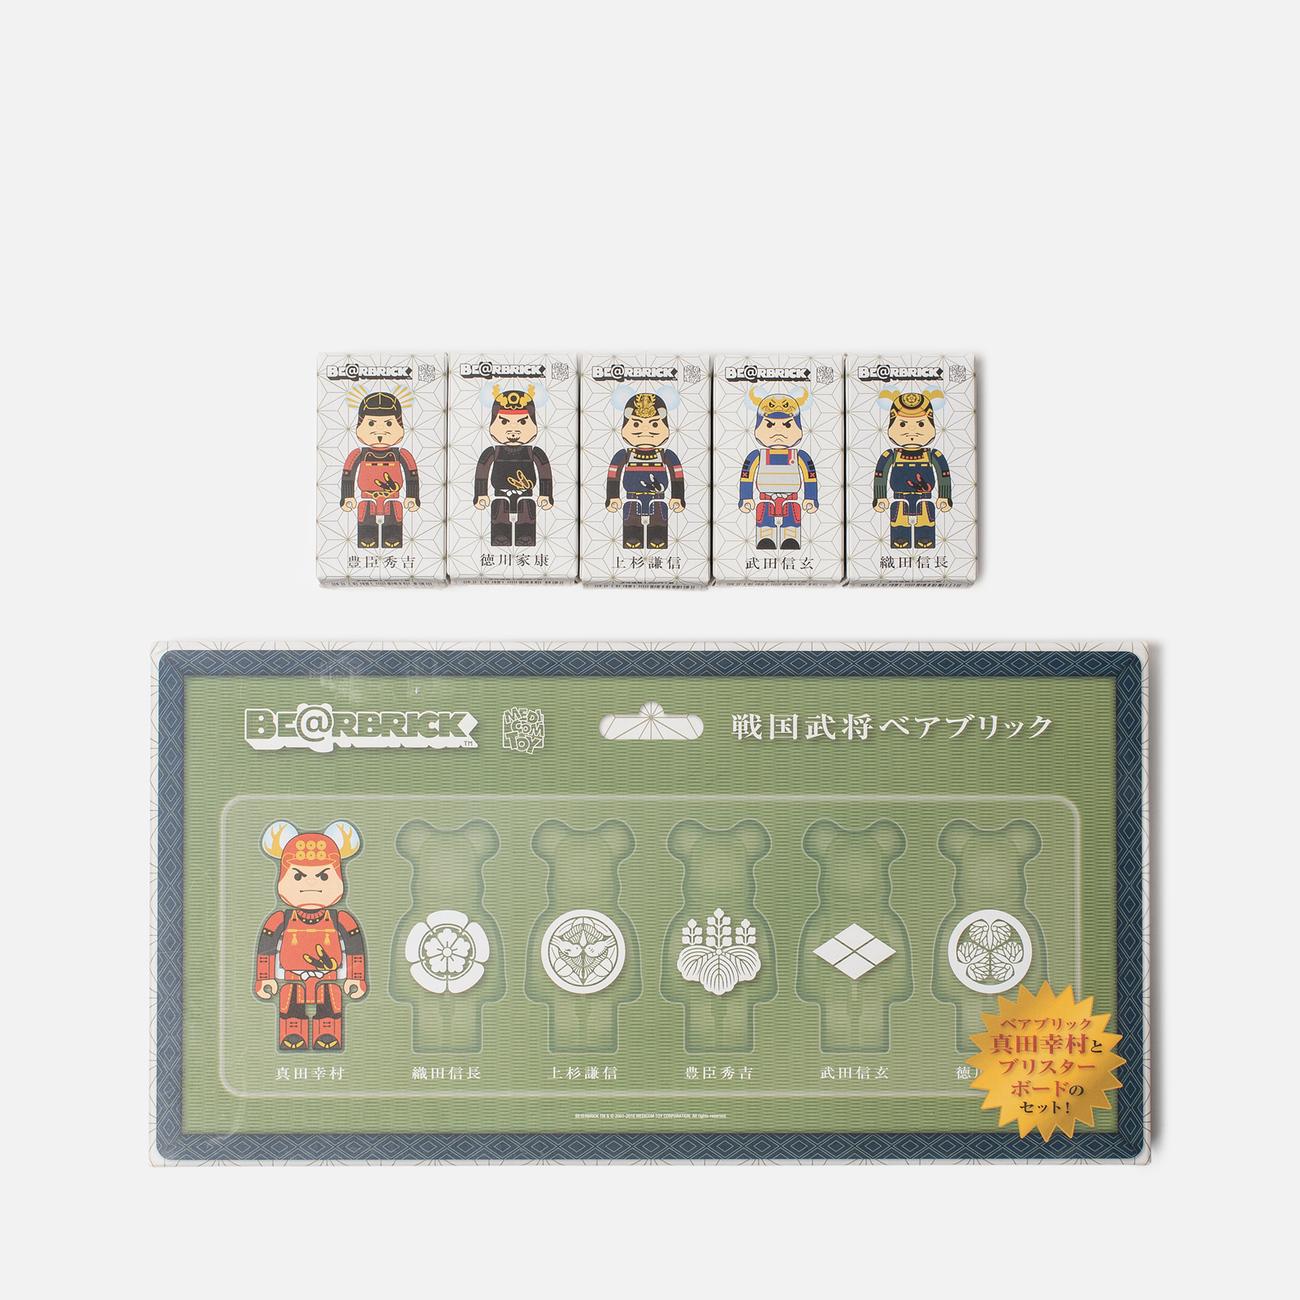 Набор игрушек Medicom Toy Bearbrick Sengoku Warlords 6pcs 100%